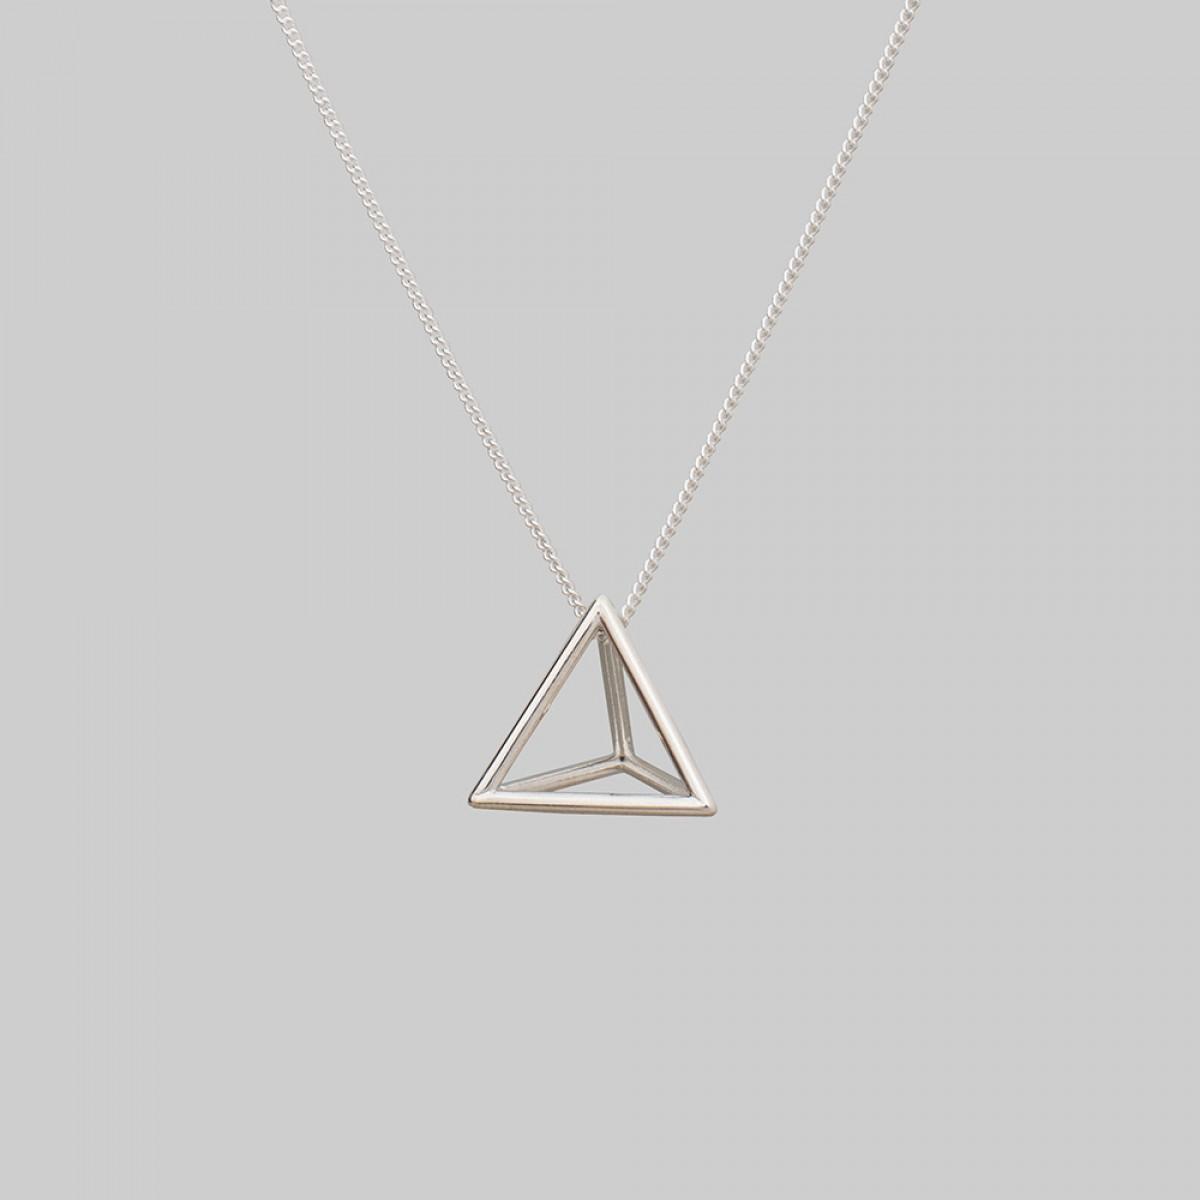 """Teresa Gruber Anhänger """"platonic solids- Tetraeder"""", 925 Silber"""